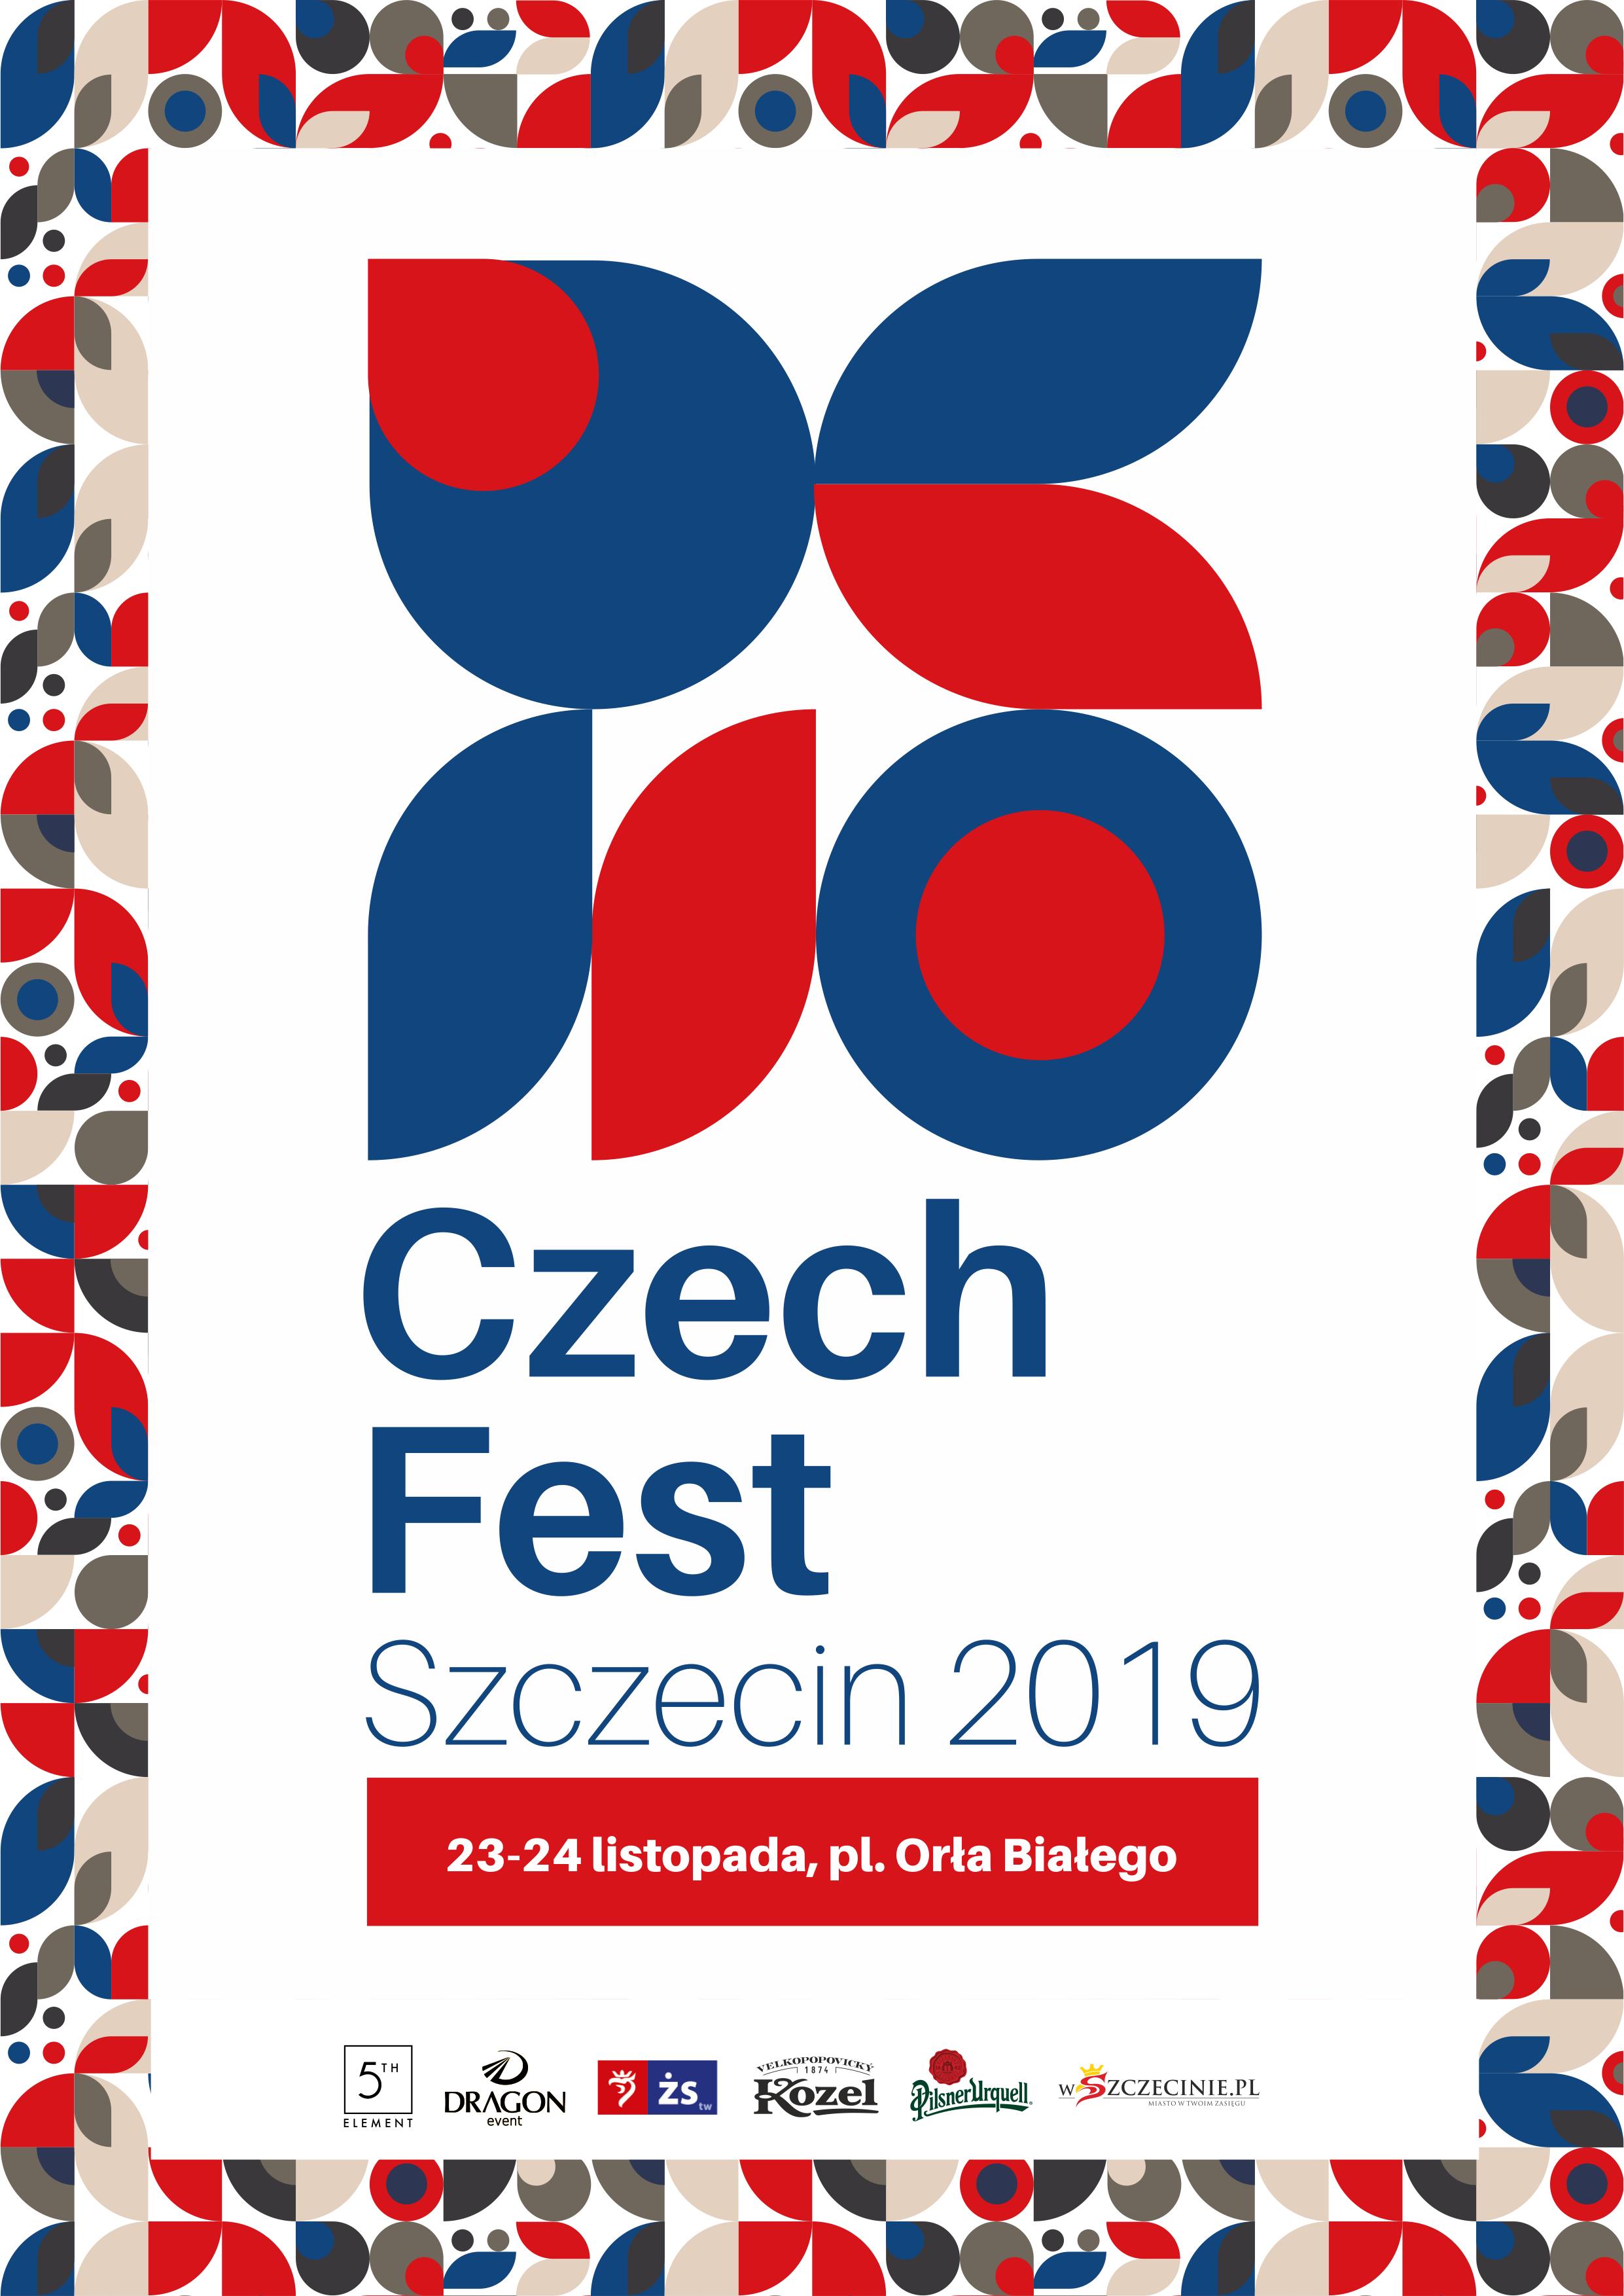 Czeskie smaki i tradycje na placu Orła Białego